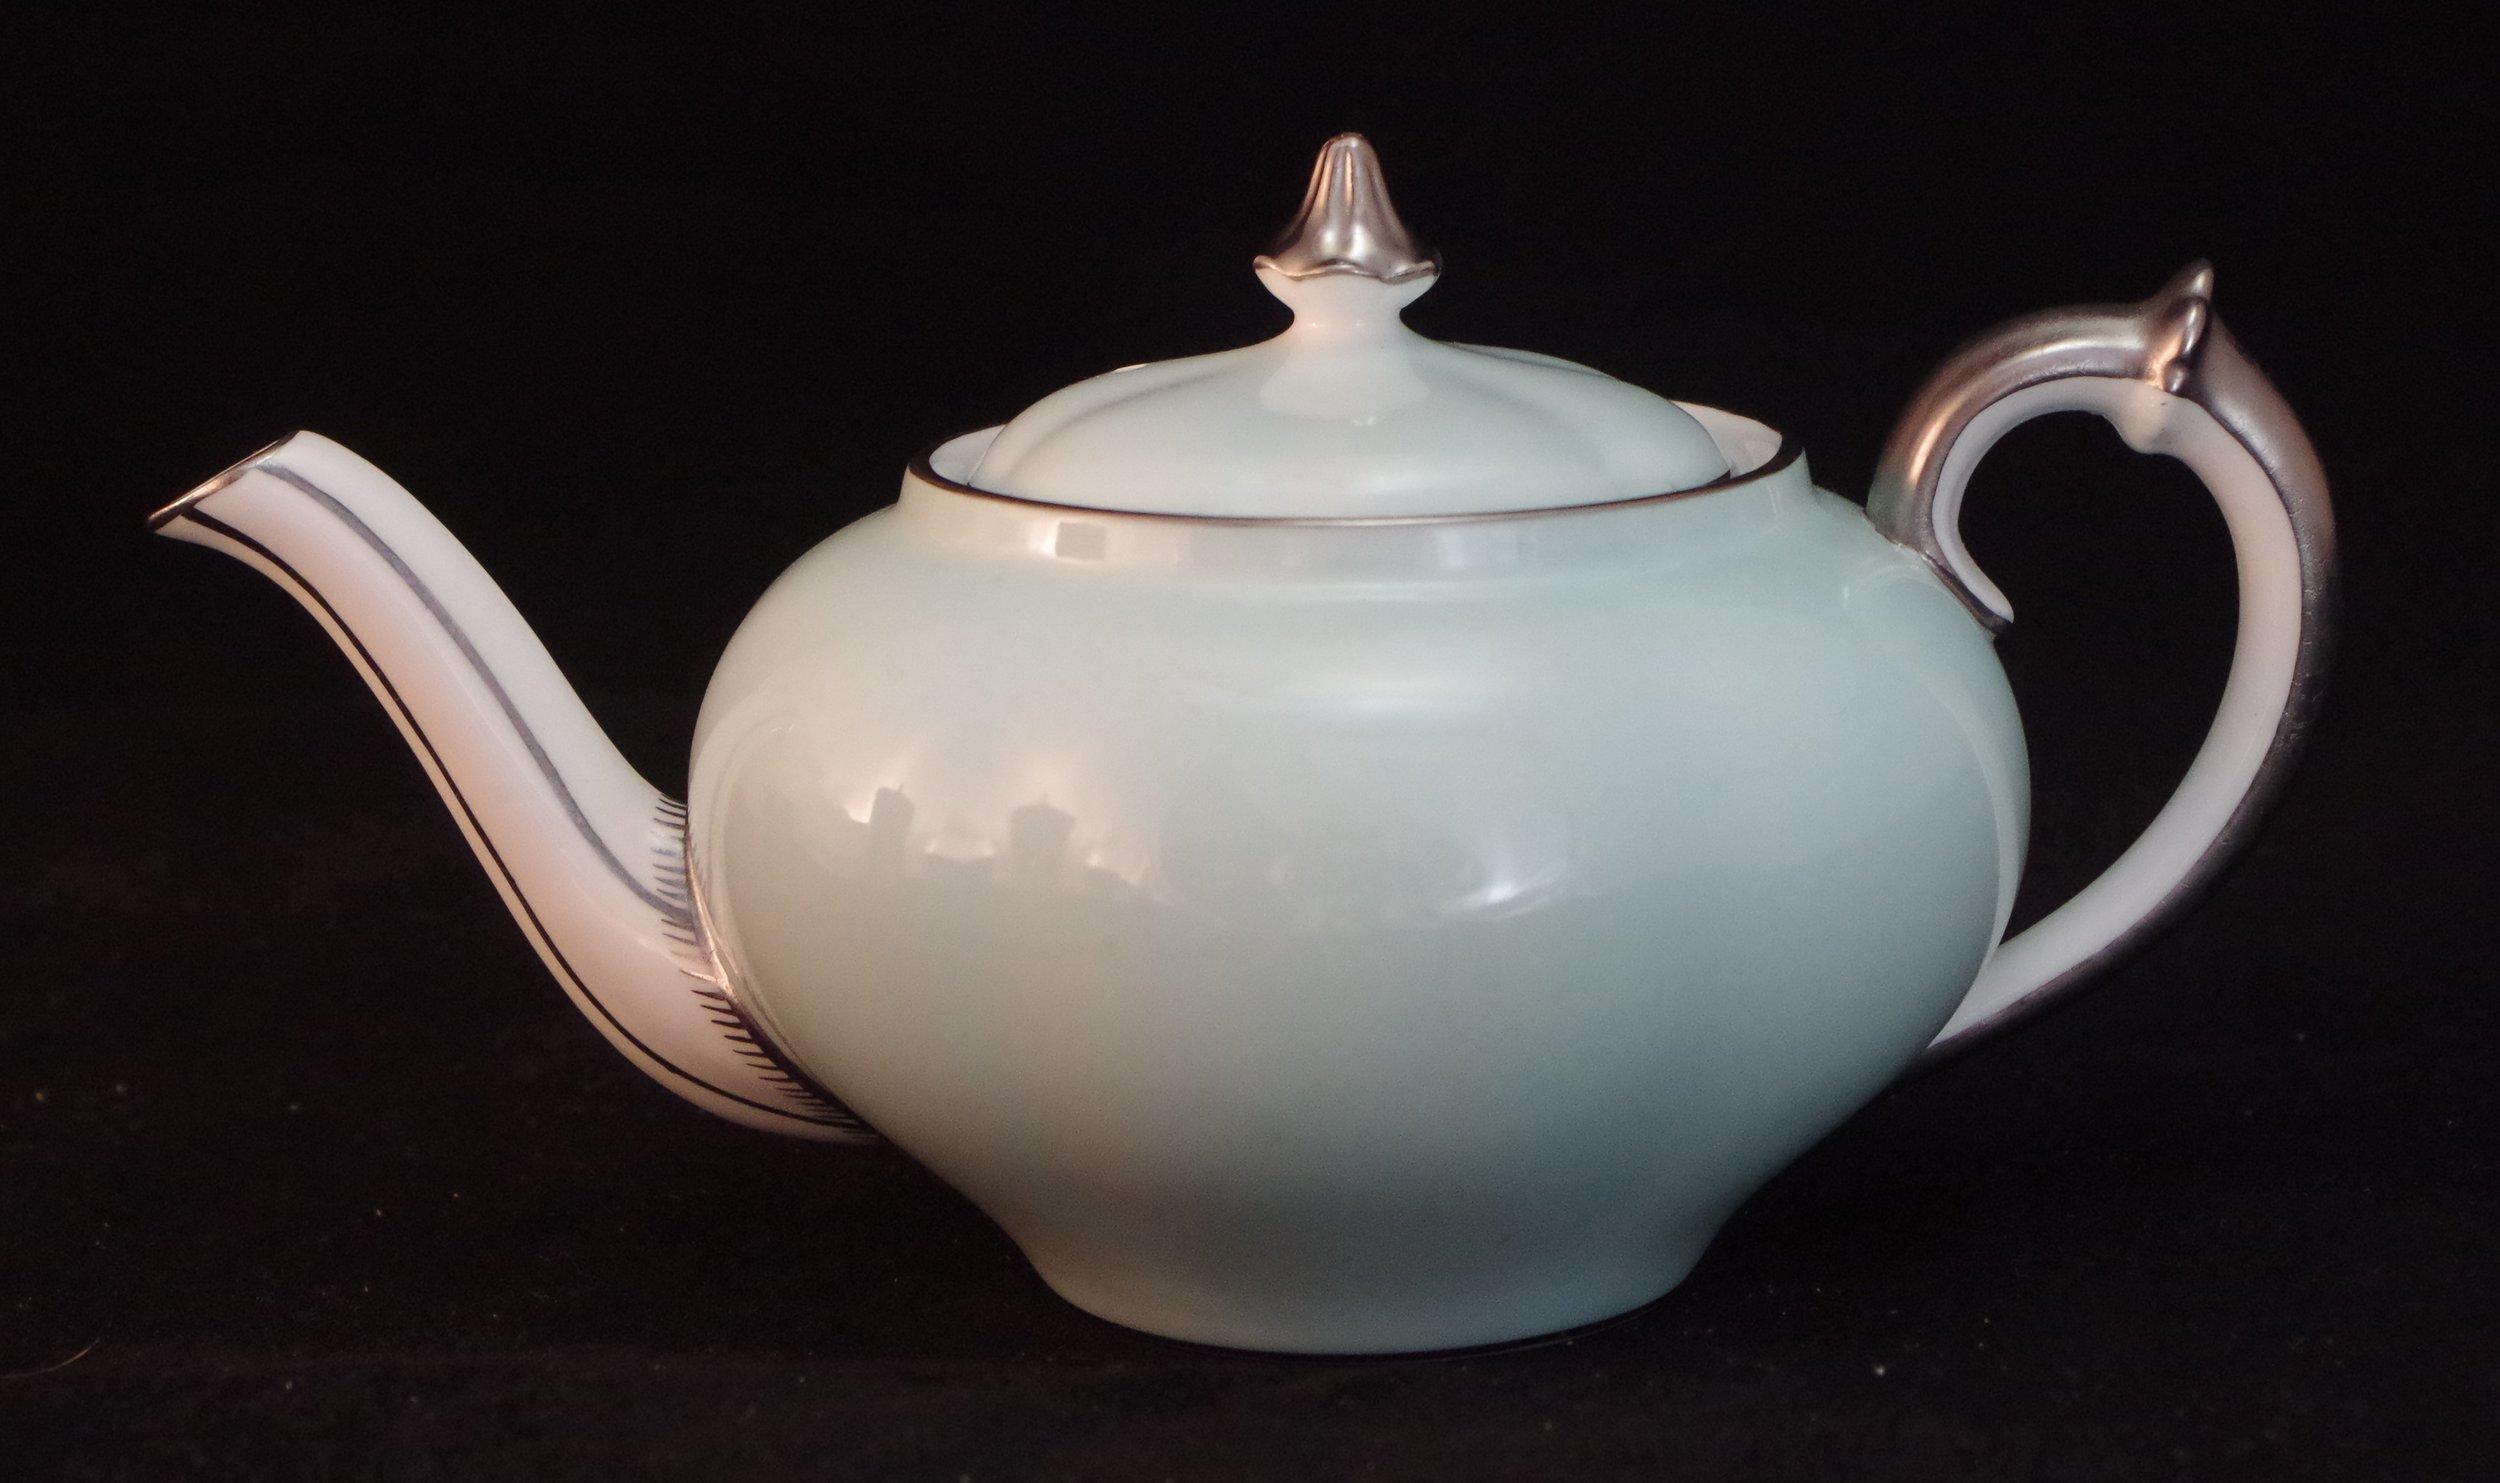 royal-crown-derby-teapot-A67